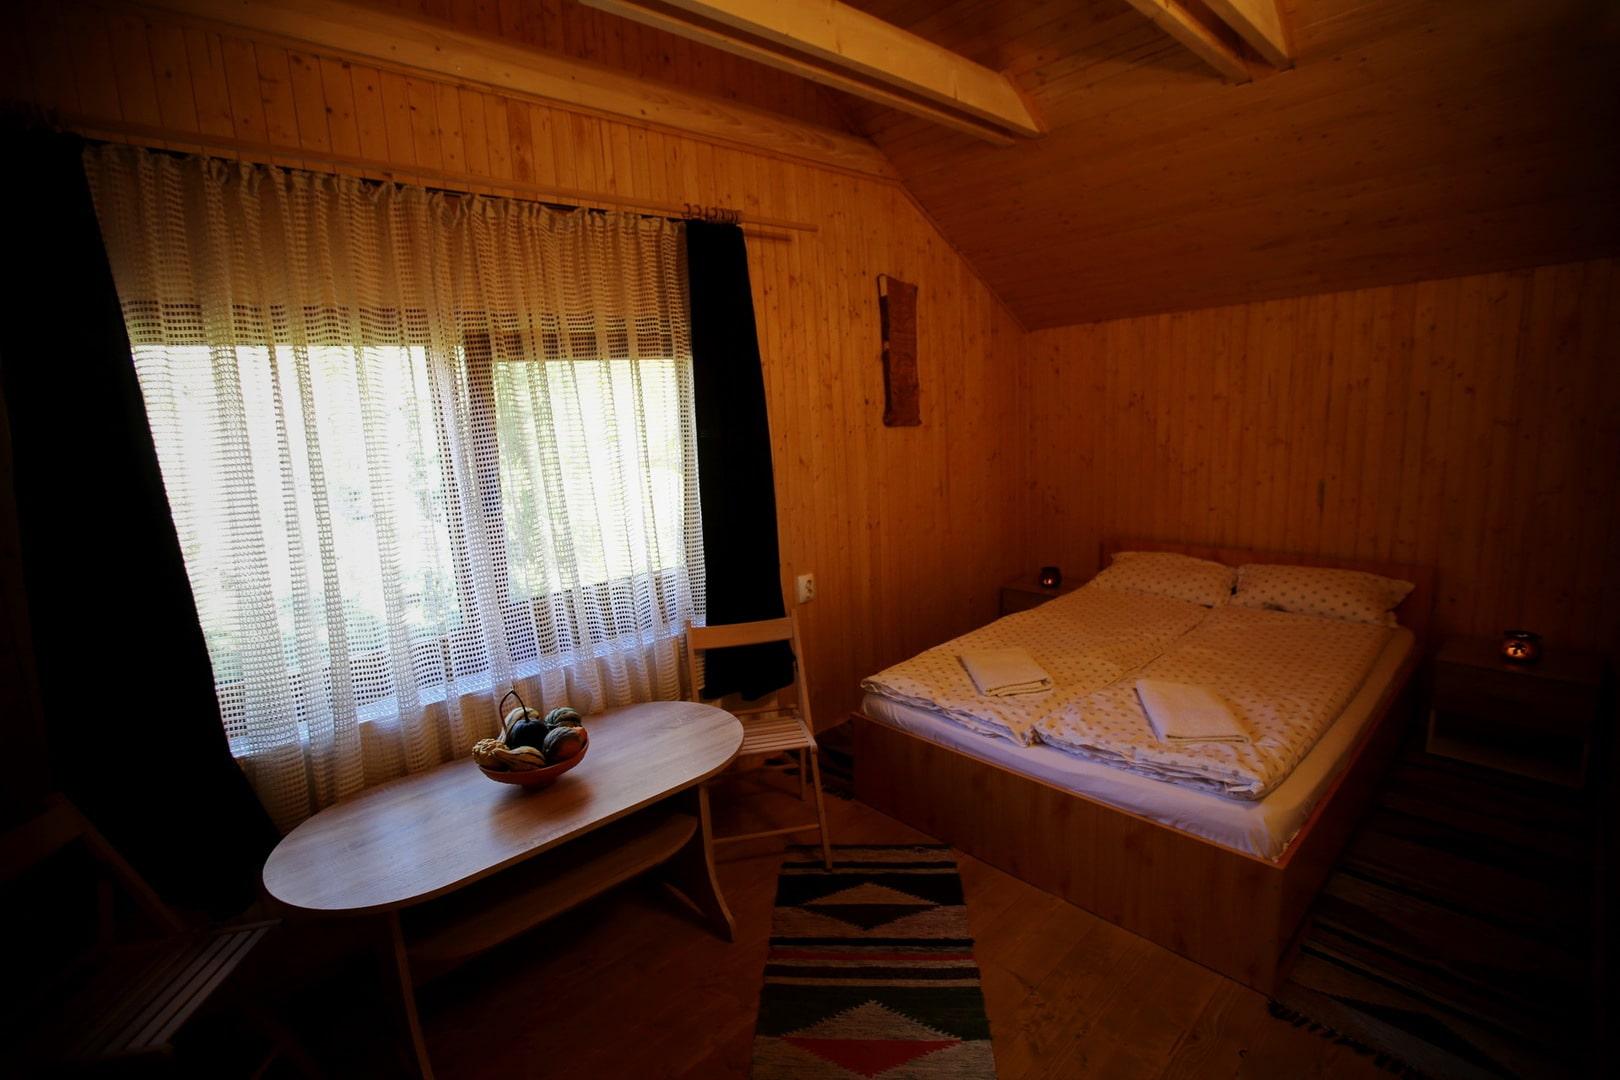 cameră nr.5